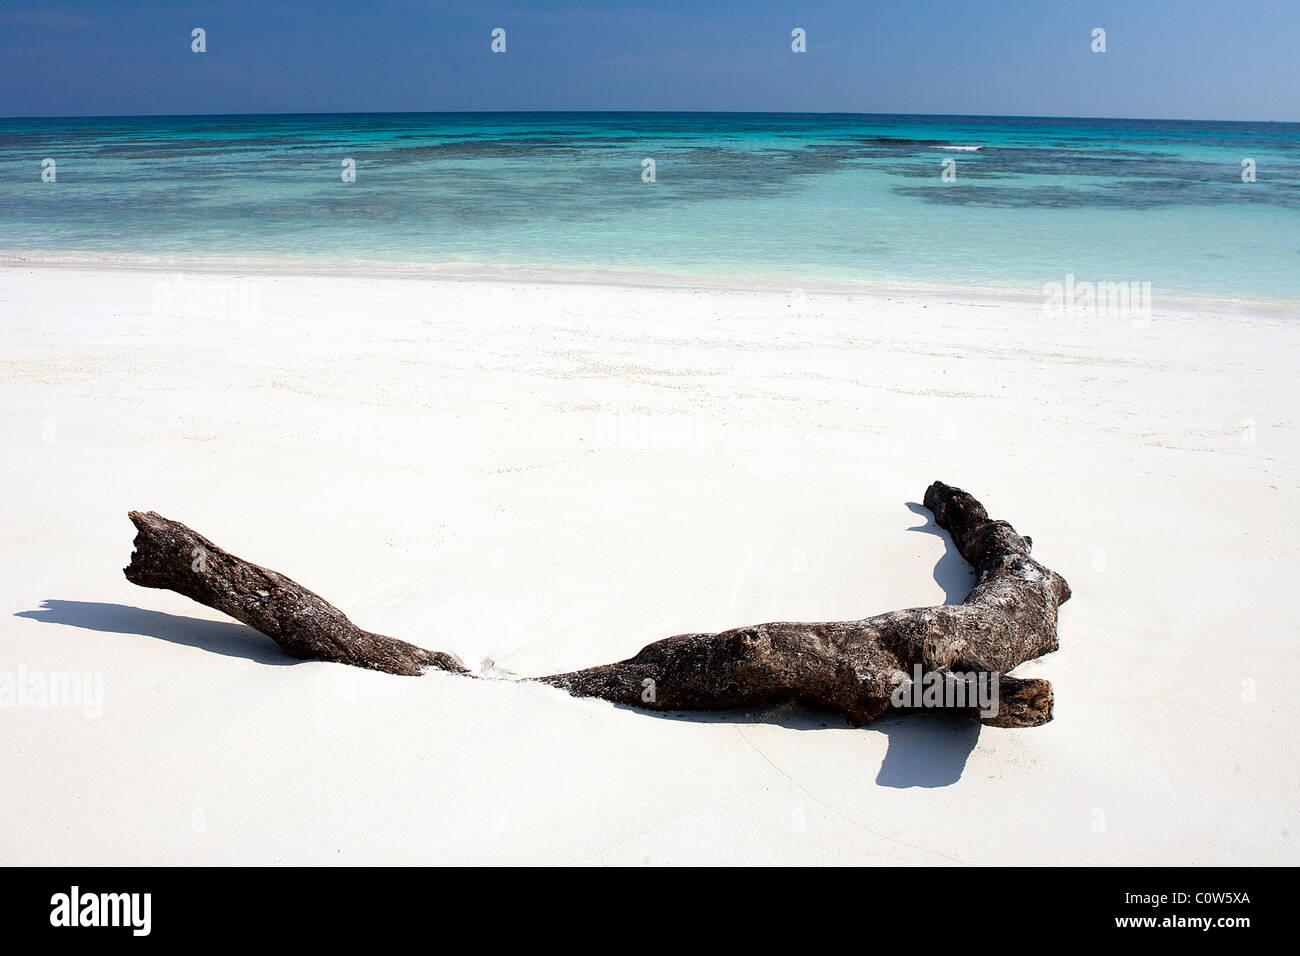 Un morceau de bois flotté réside dans le sable blanc d'une plage de sable tropicale dans le Simialan îles au large Banque D'Images